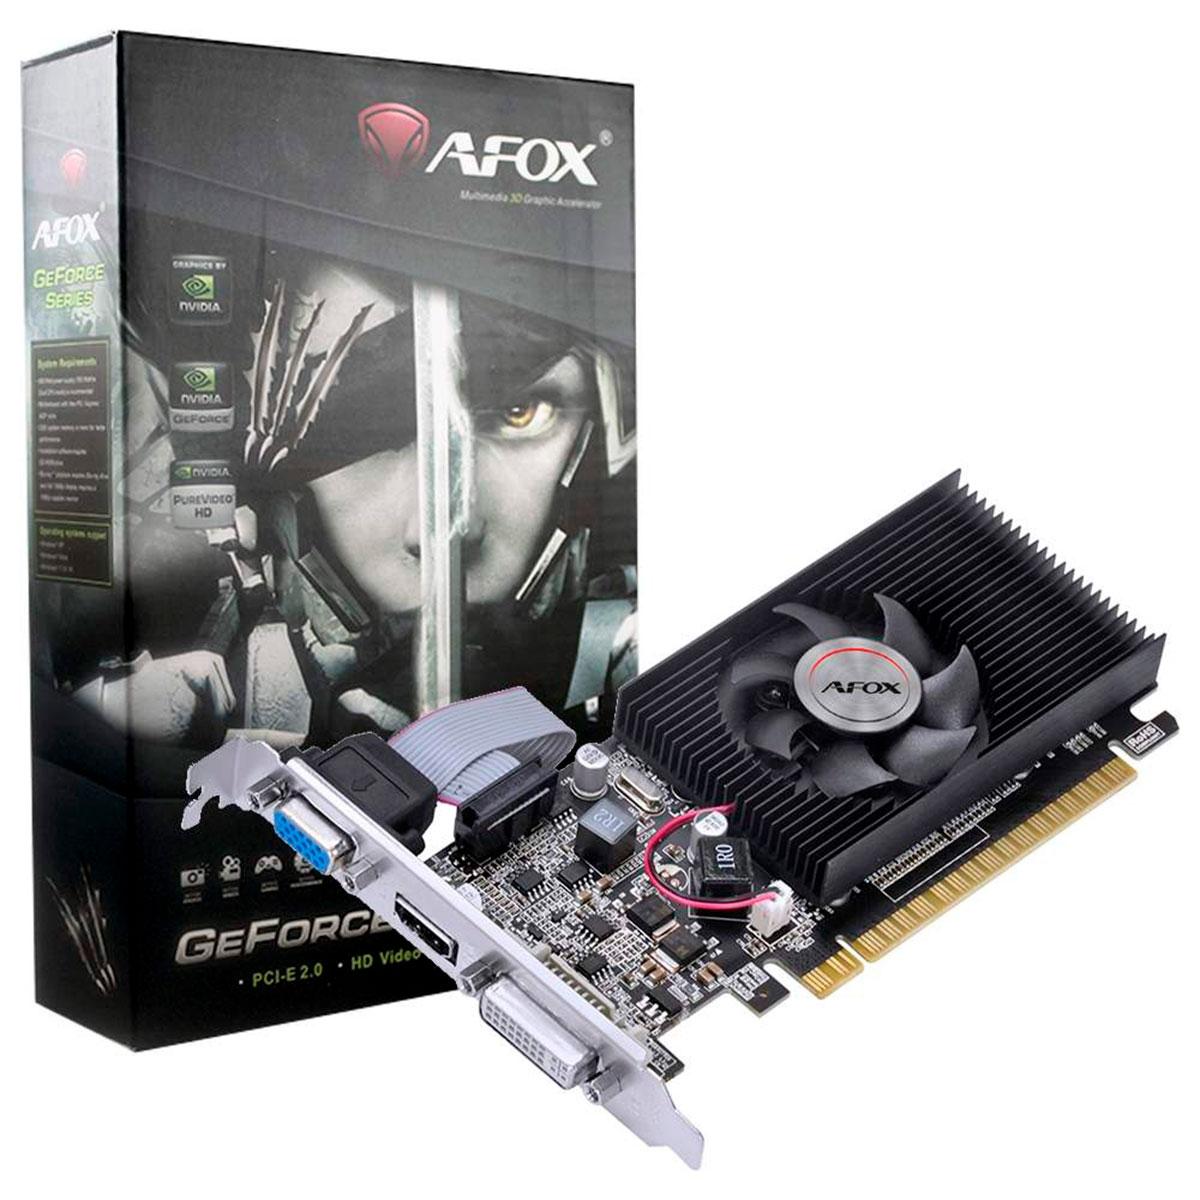 Placa de Vídeo Afox GeForce GT210, 1GB, DDR3, 64 Bits